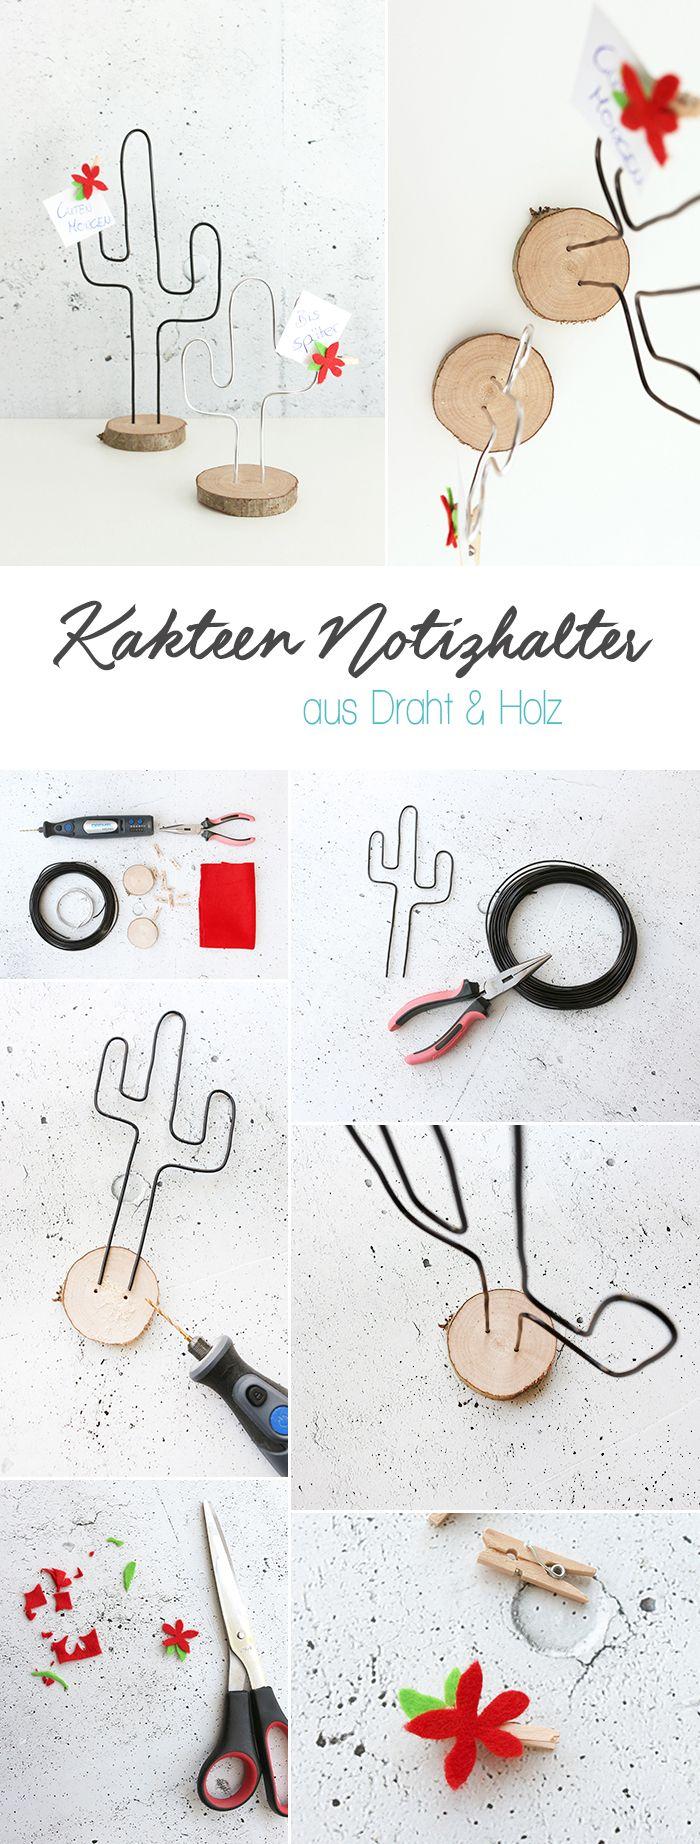 Dani von Gingered Things zeigt dir auf ihrem DIY Blog wie du aus Basteldraht und einer Holzschreibe einen kreativen Notizhalter in Form angesagter Kakteen basteln kannst.